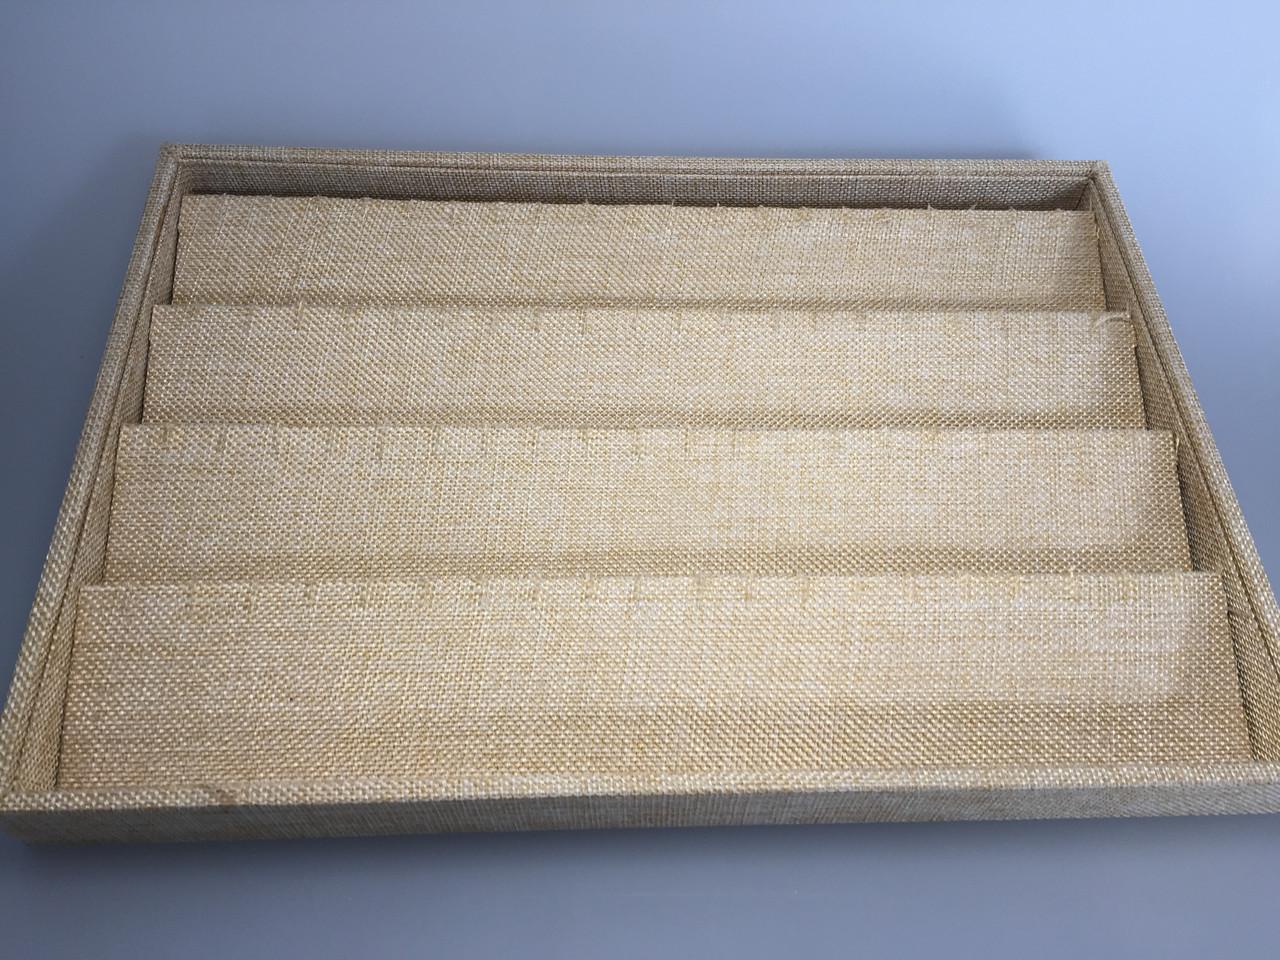 """Планшет ювелирный """"Под серьги и кулоны плетёнка 35 х 24 х 3,5 см"""""""